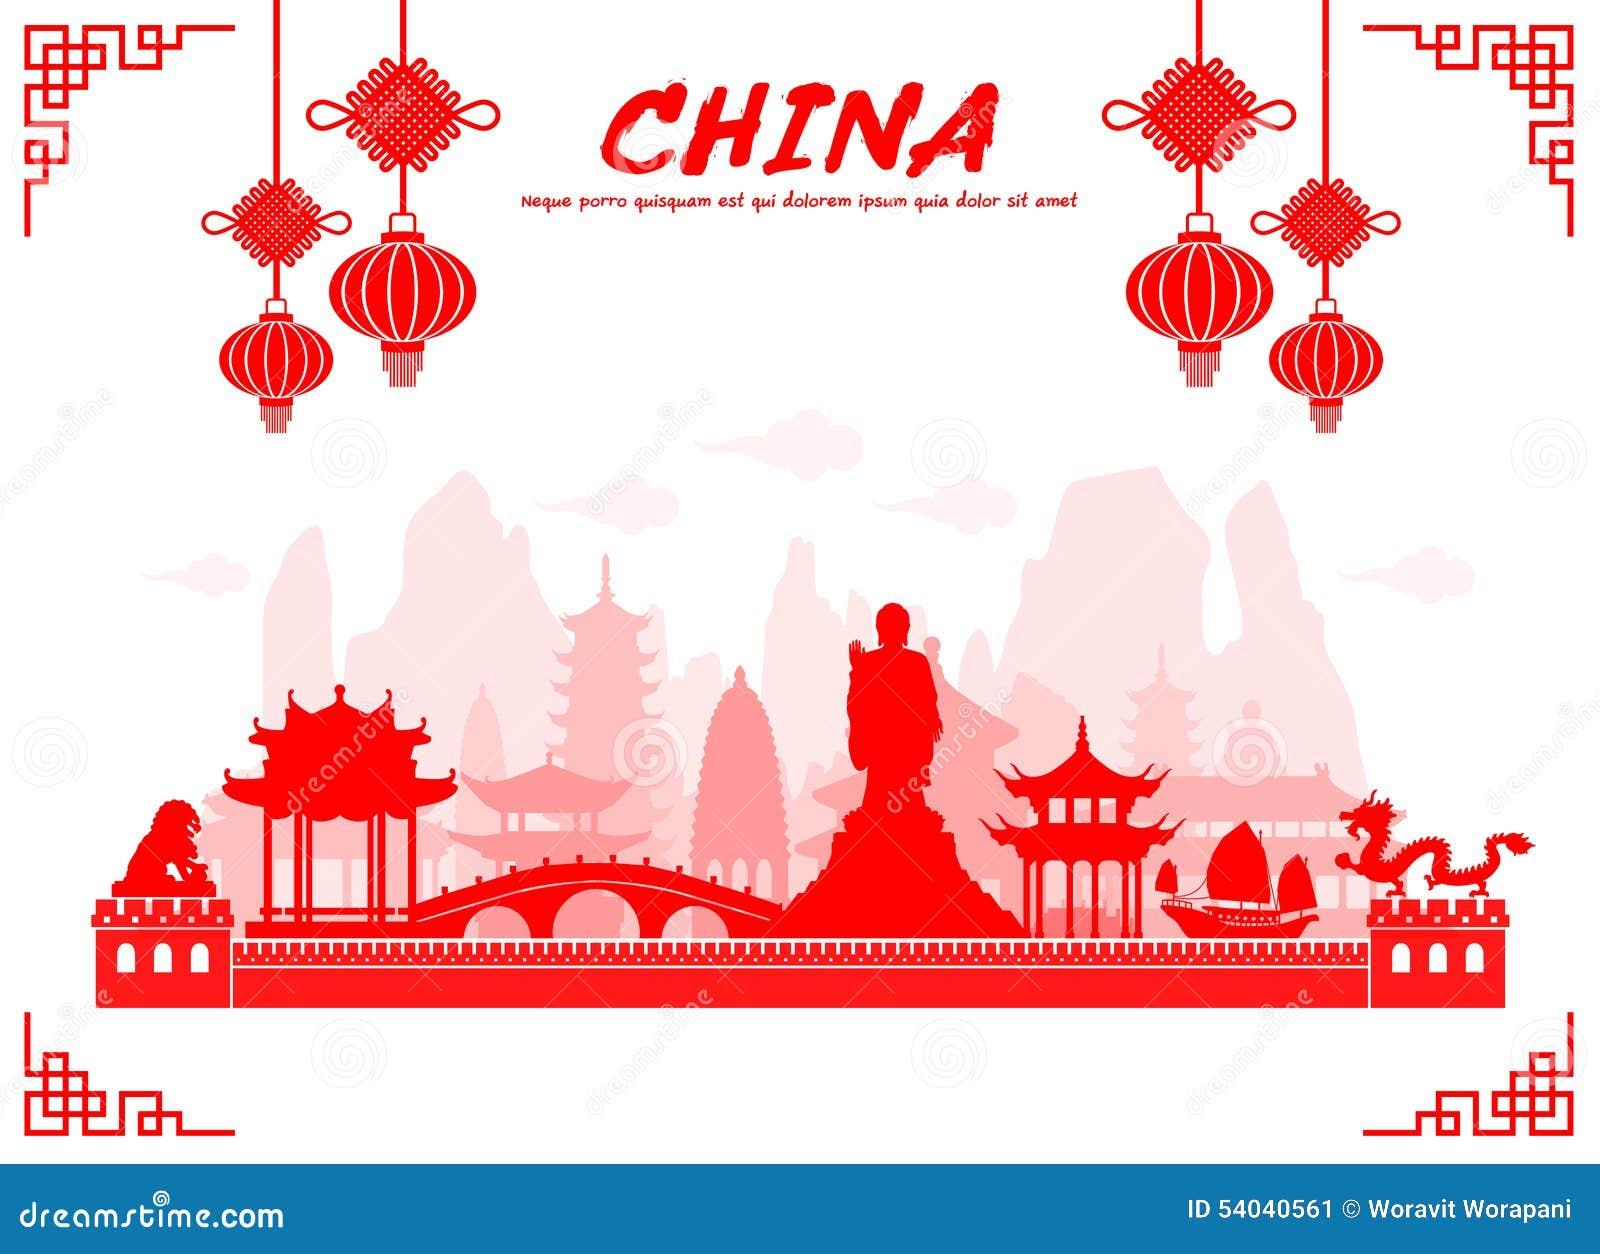 Points de repère de voyage de la Chine